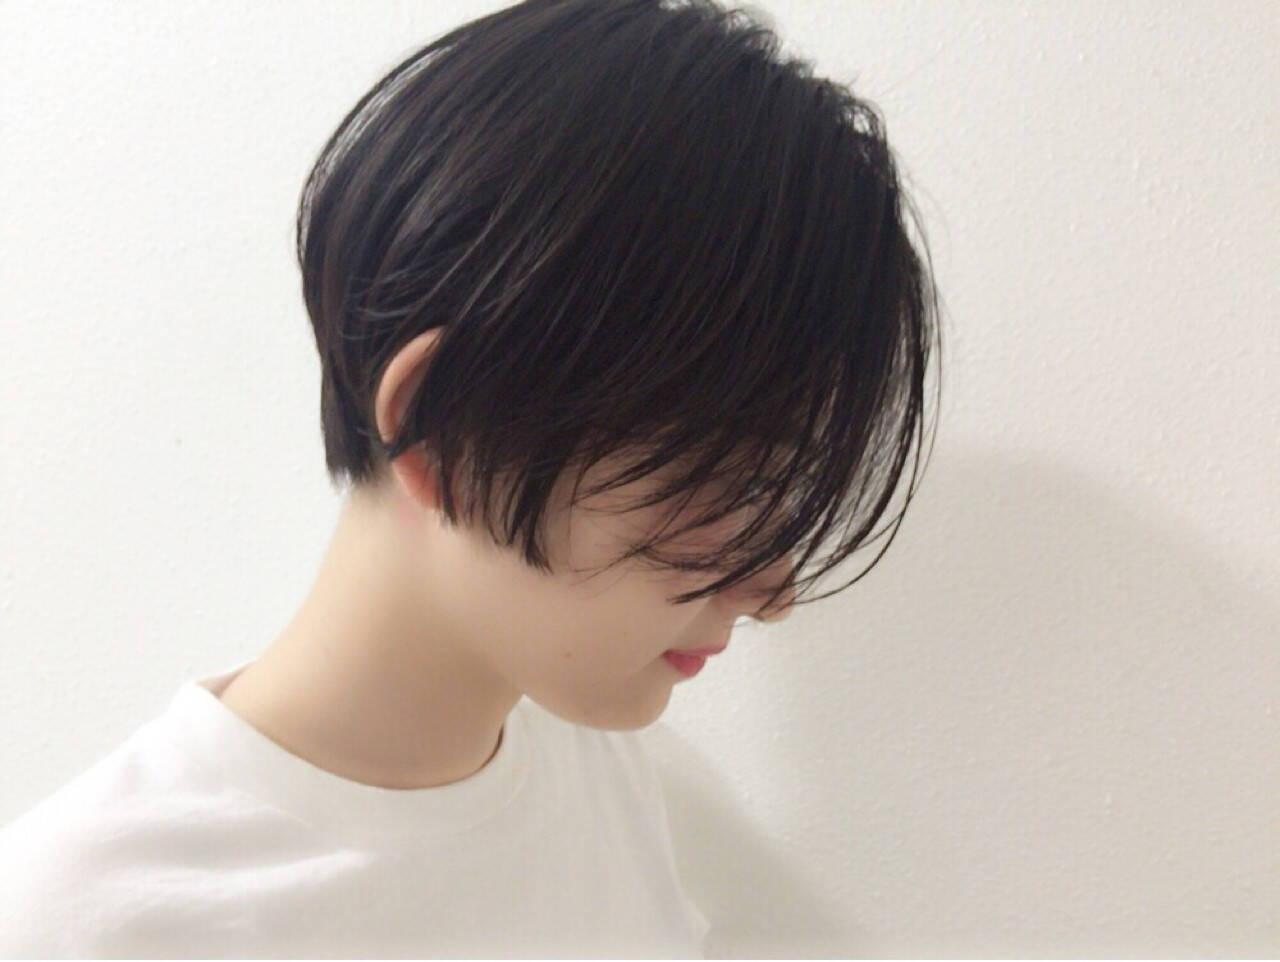 ウェットヘア 黒髪 モード リラックスヘアスタイルや髪型の写真・画像